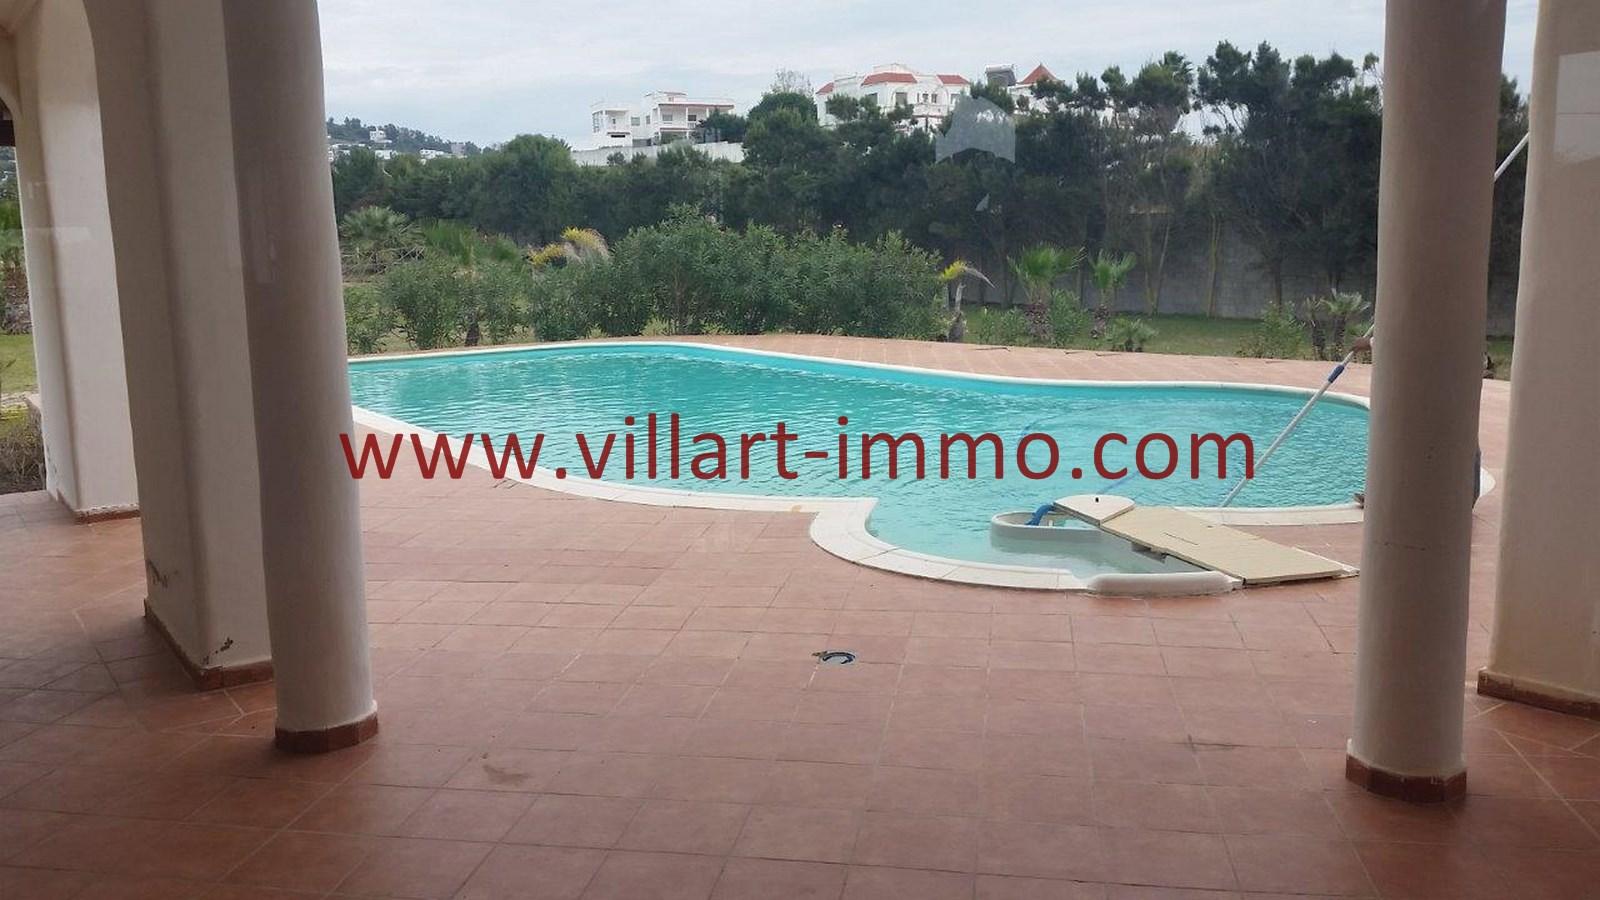 6-A louer-Villa-Meublée-Tanger-Achakar-Piscine-LSAT914-Villart immo